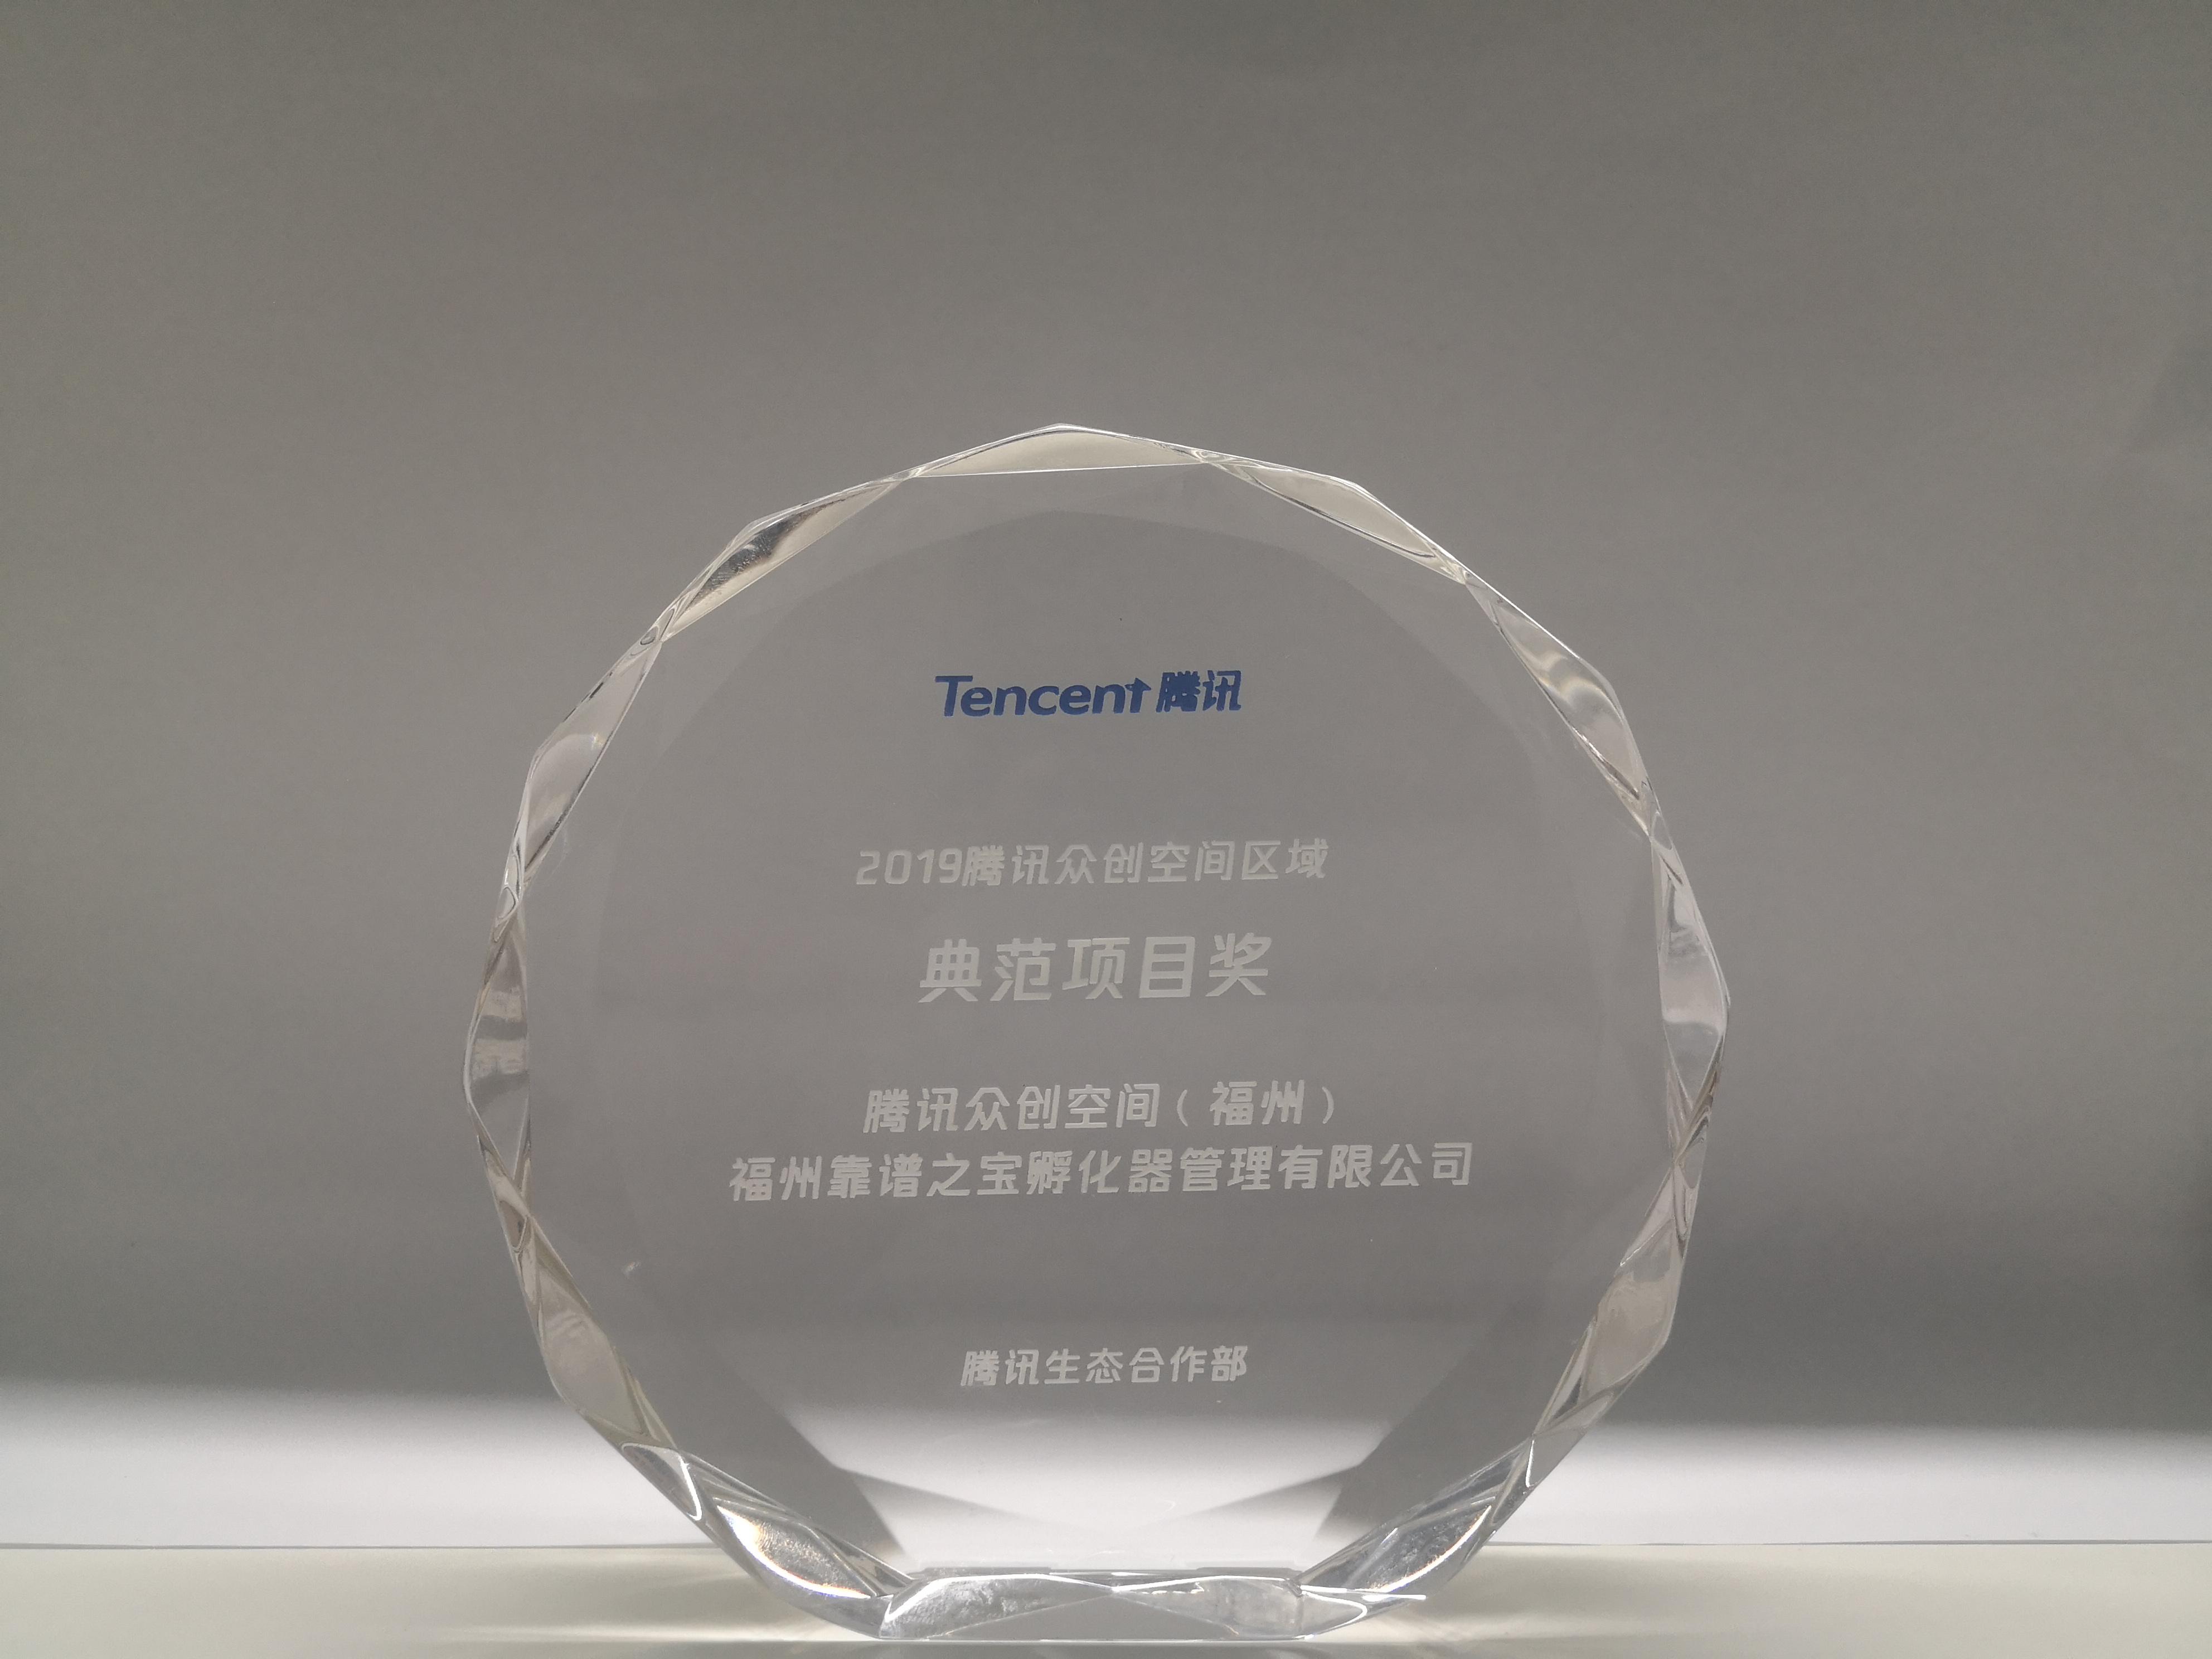 靠谱之宝荣获2019腾讯众创空间区域典范项目奖